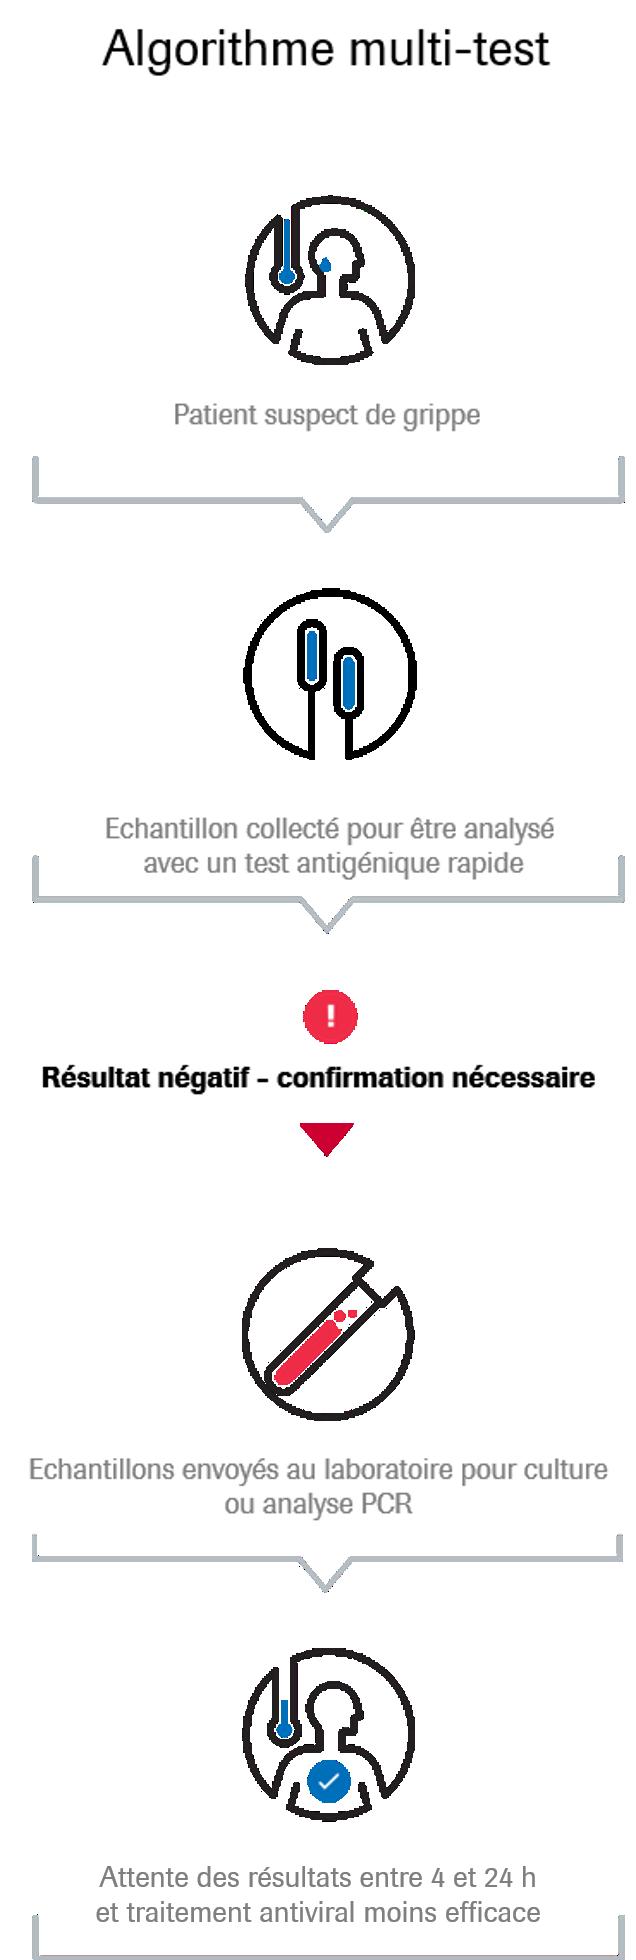 Le test cobas® Influenza A/B fournit des résultats précis en 20 minutes, soit beaucoup plus rapidement que les méthodes traditionnelles.